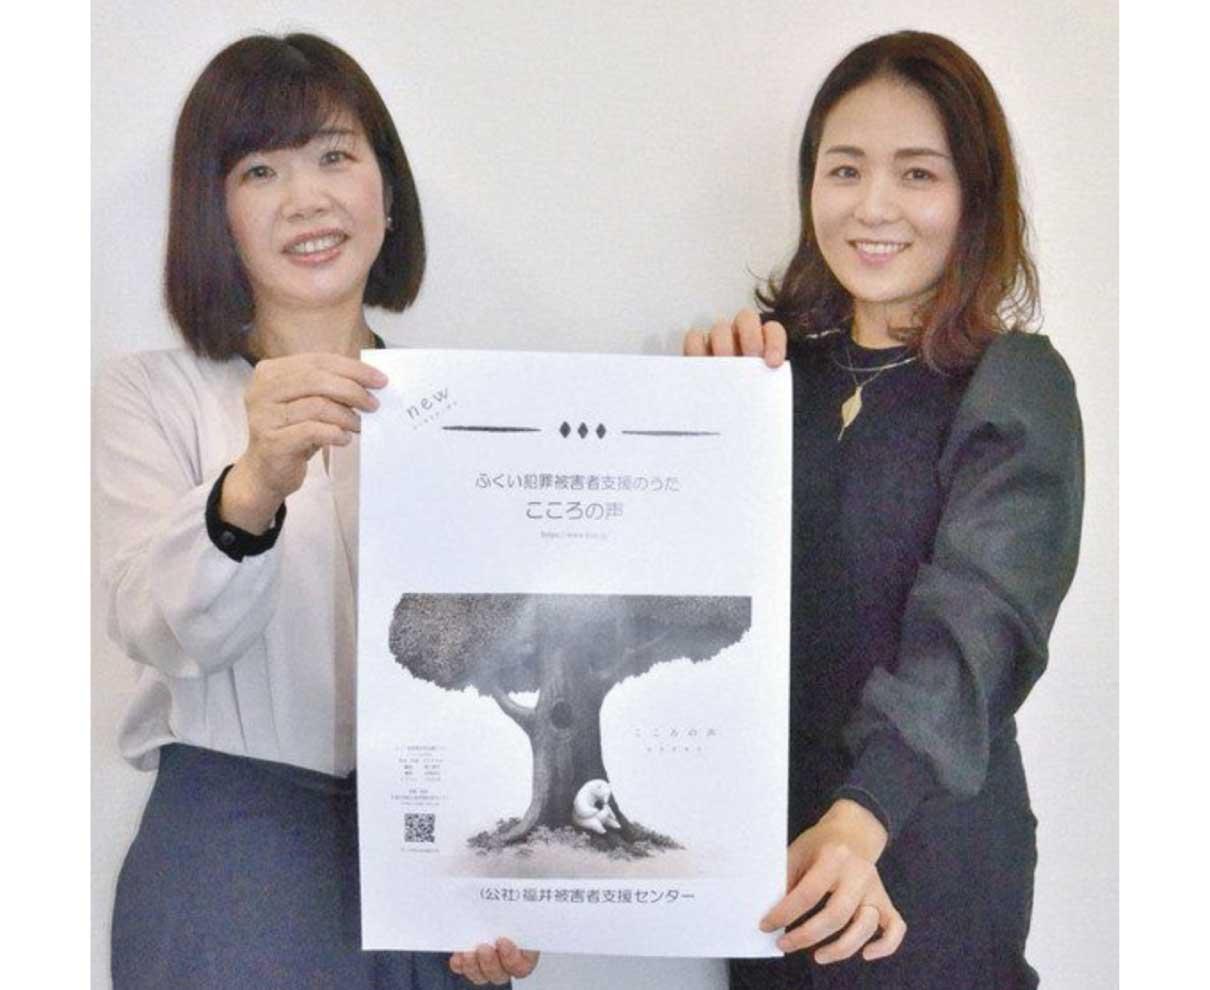 犯罪被害者らの心開く歌 県支援条例周知へセンター作成